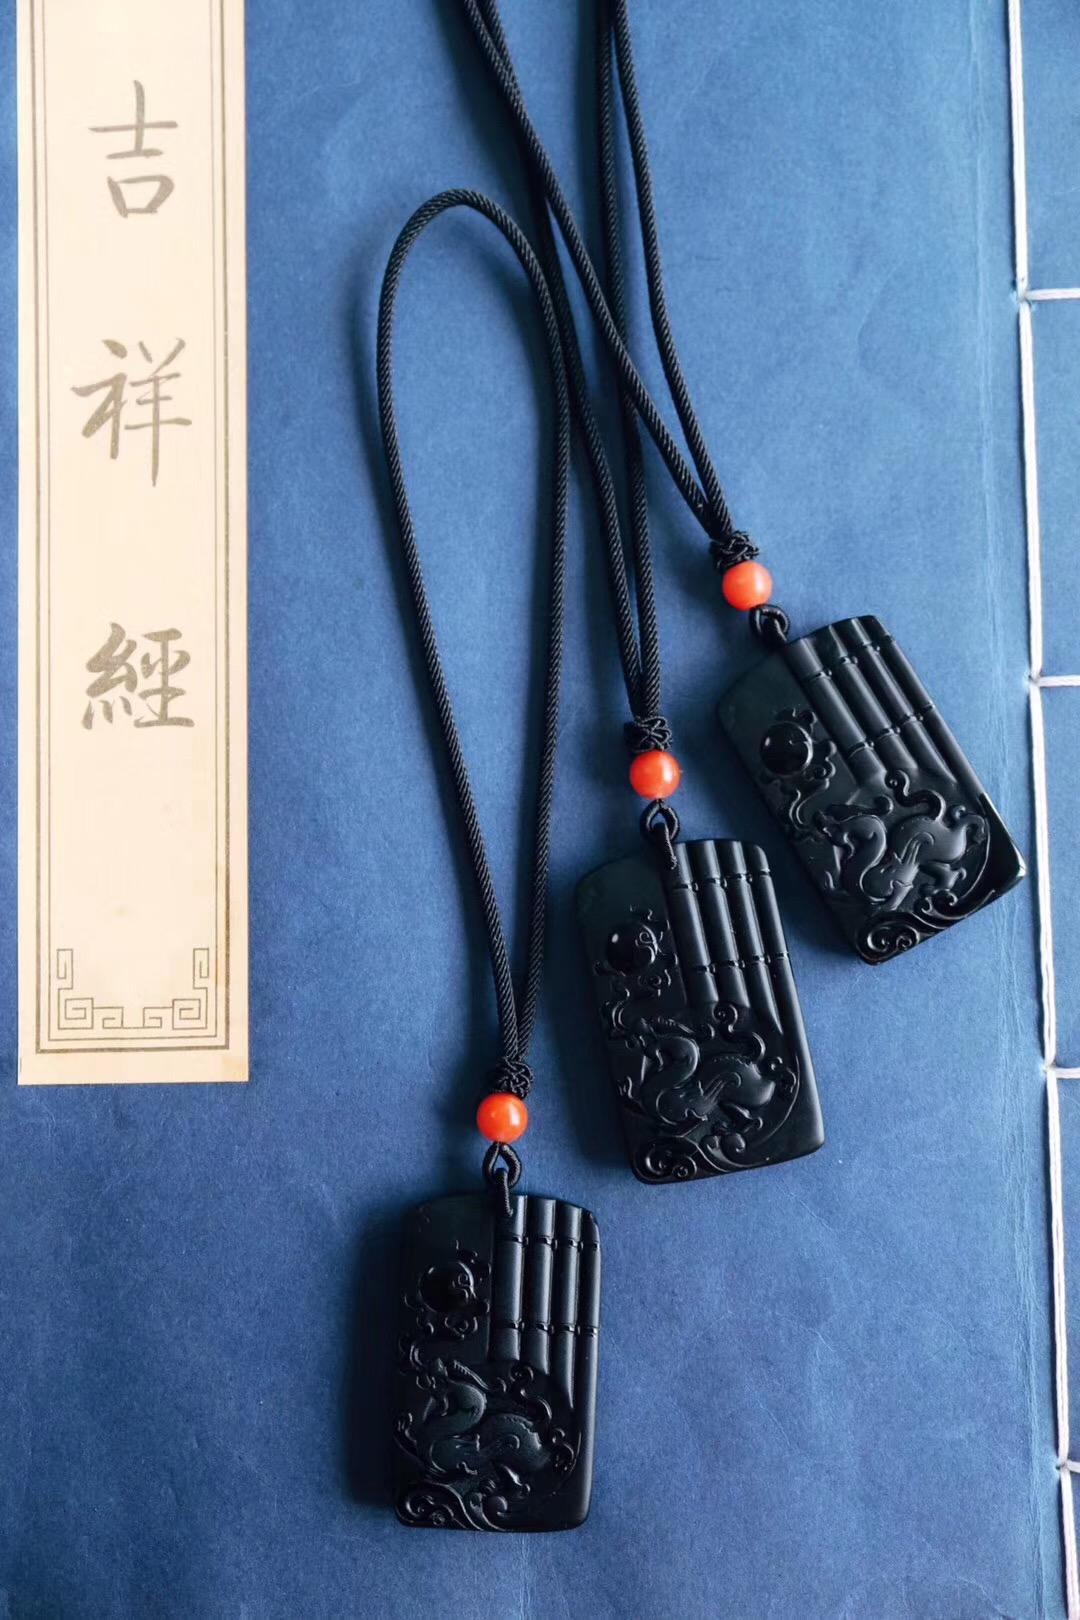 【菩心-黑曜石】麒麟是中国古代传说中近乎完美无缺的神兽-菩心晶舍